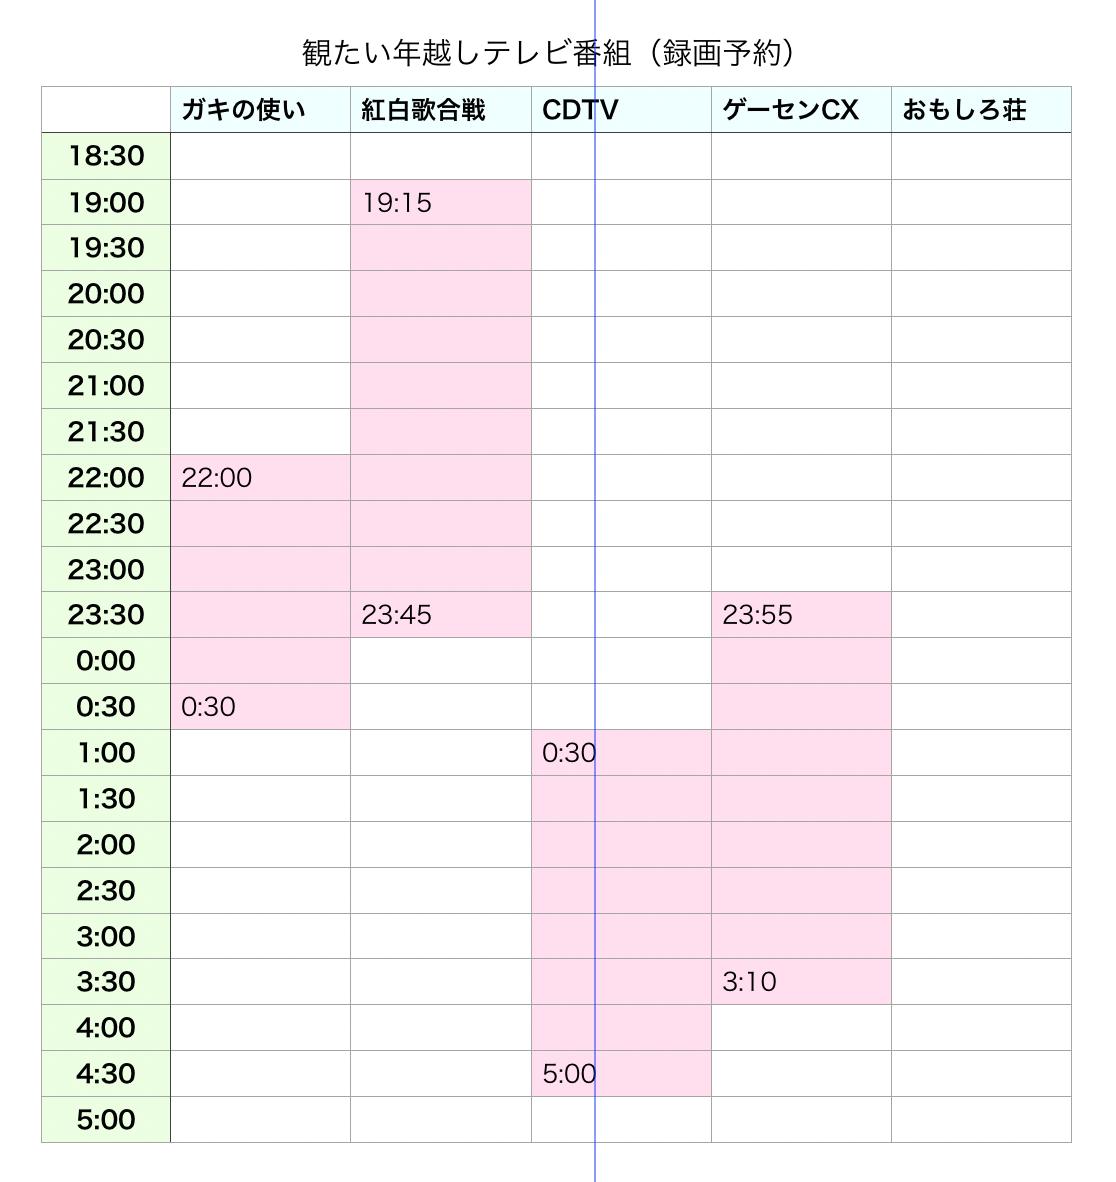 2018-2019-nye-tvpg-r